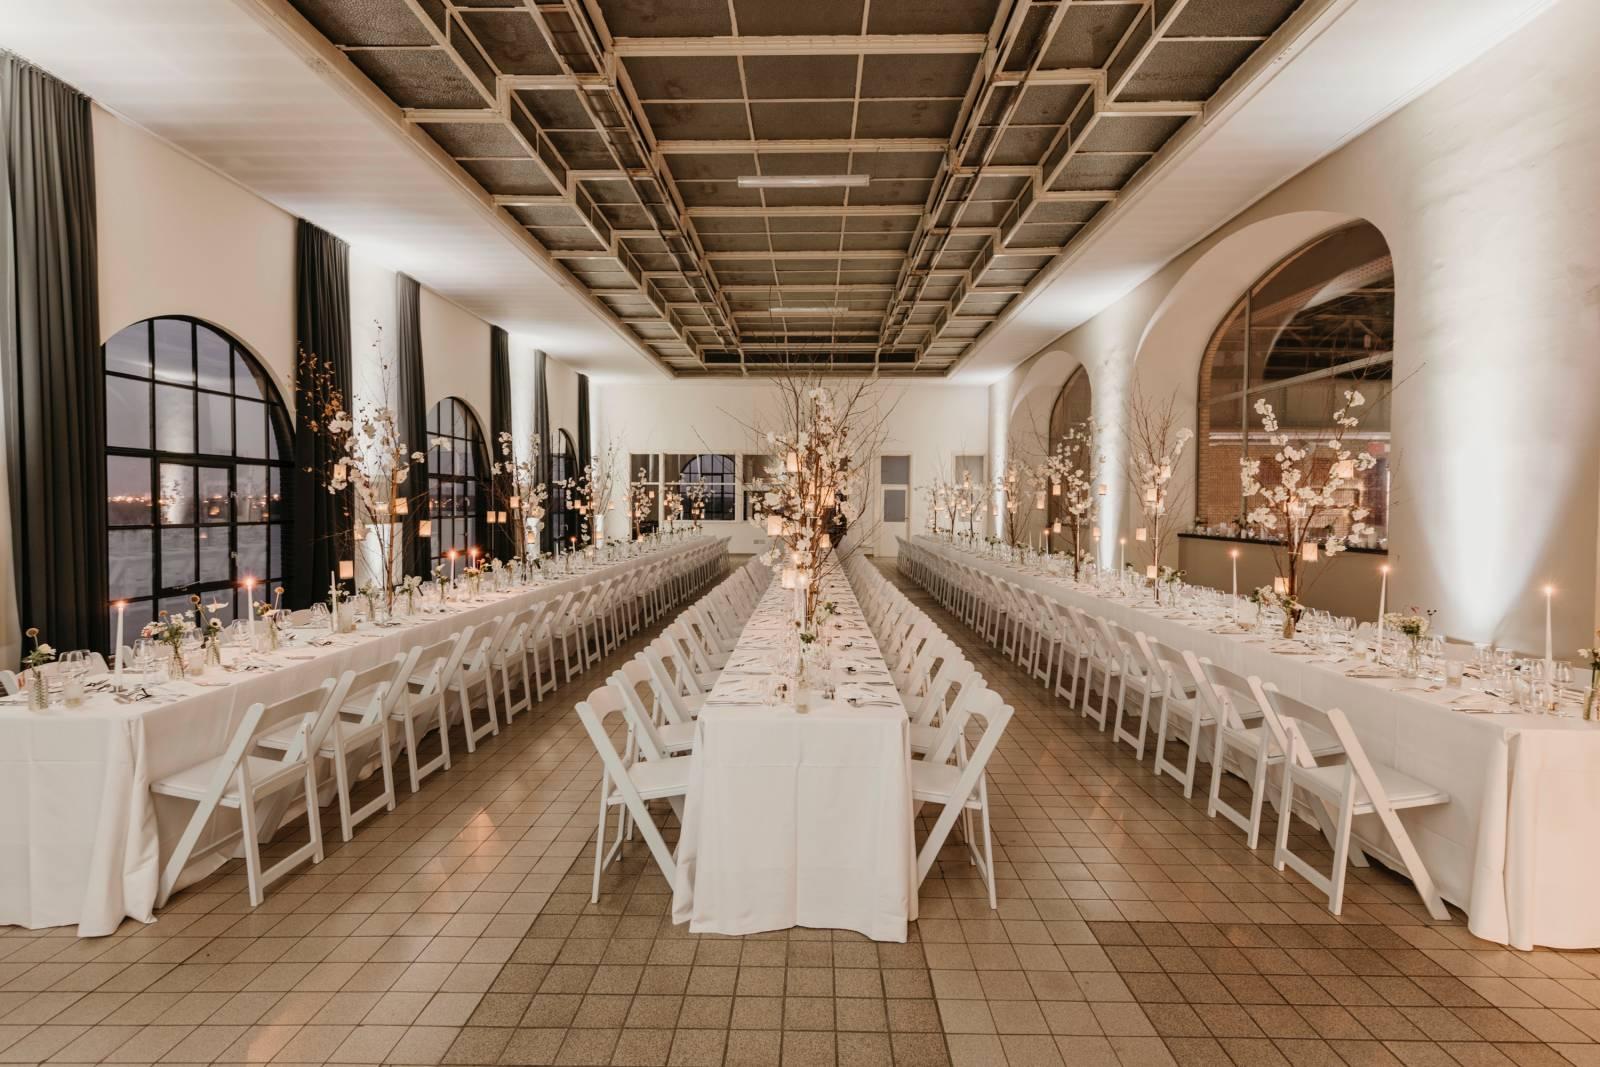 Degroote Bloemen - Bloemist - Bruidsboeket - Bloemen Huwelijk - Trouwen - House of Weddings - 29